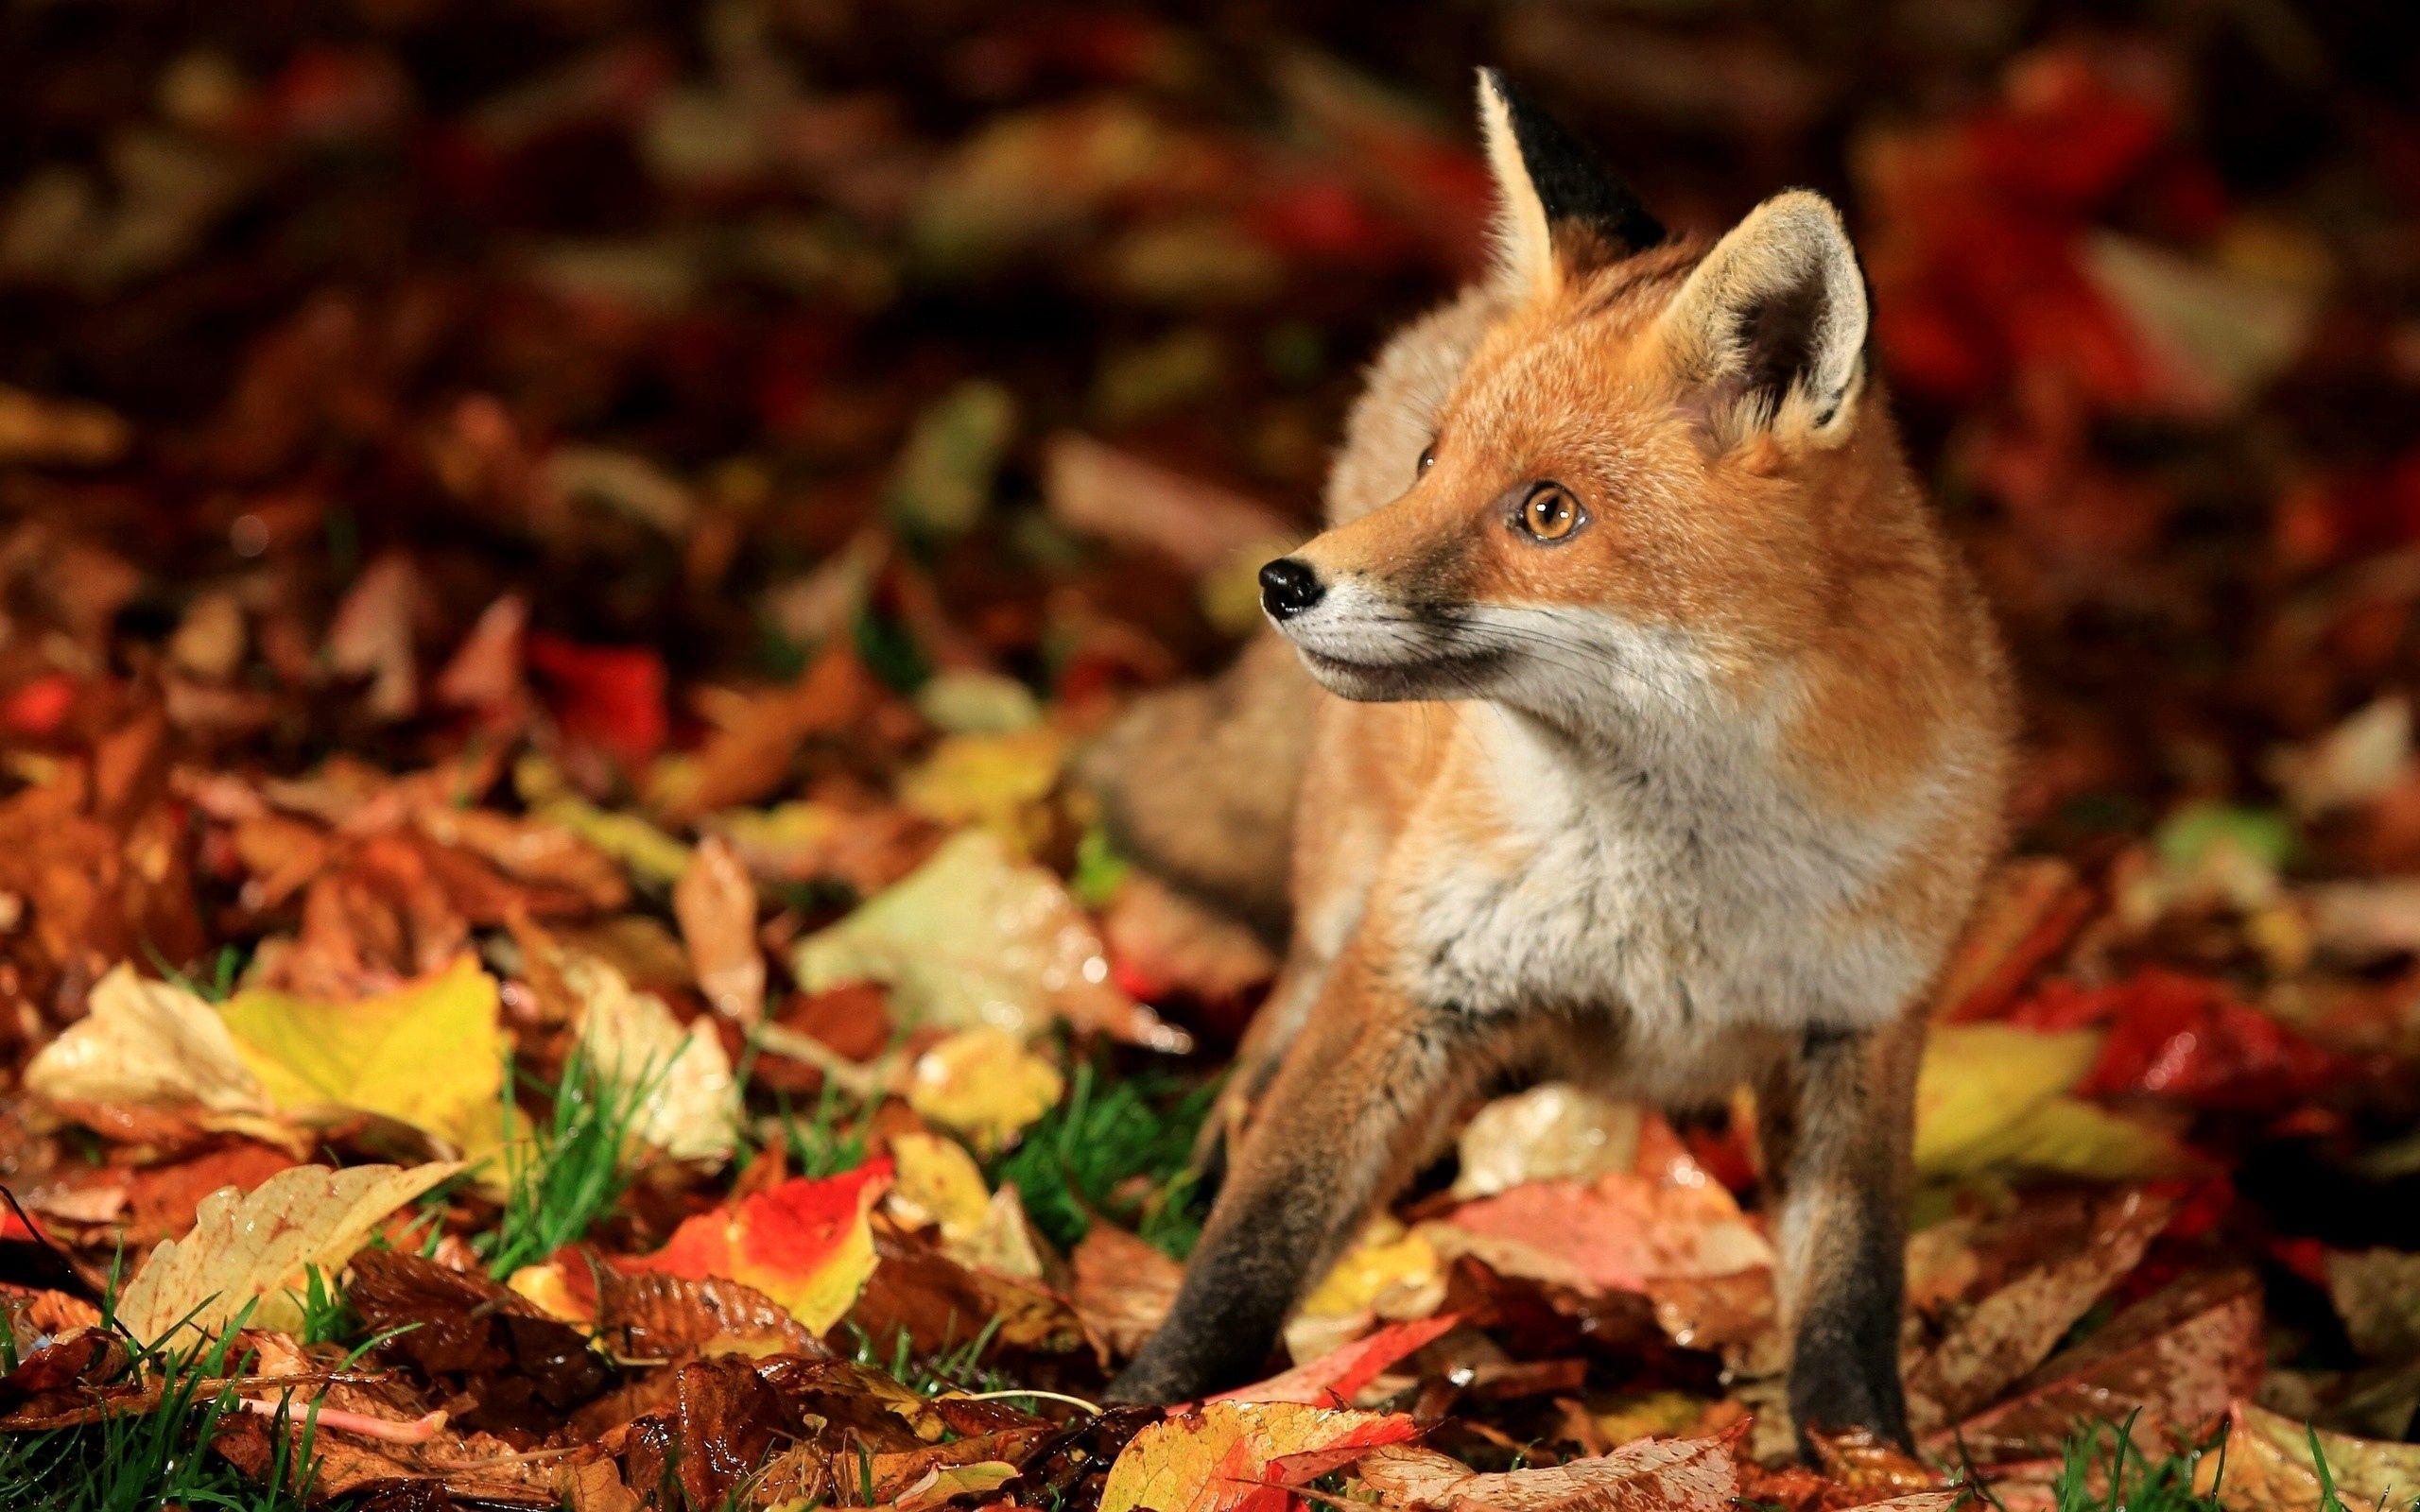 55613 Hintergrundbild herunterladen Blätter, Tiere, Herbst, Bummel, Spaziergang, Schreck, Ein Fuchs, Fuchs - Bildschirmschoner und Bilder kostenlos